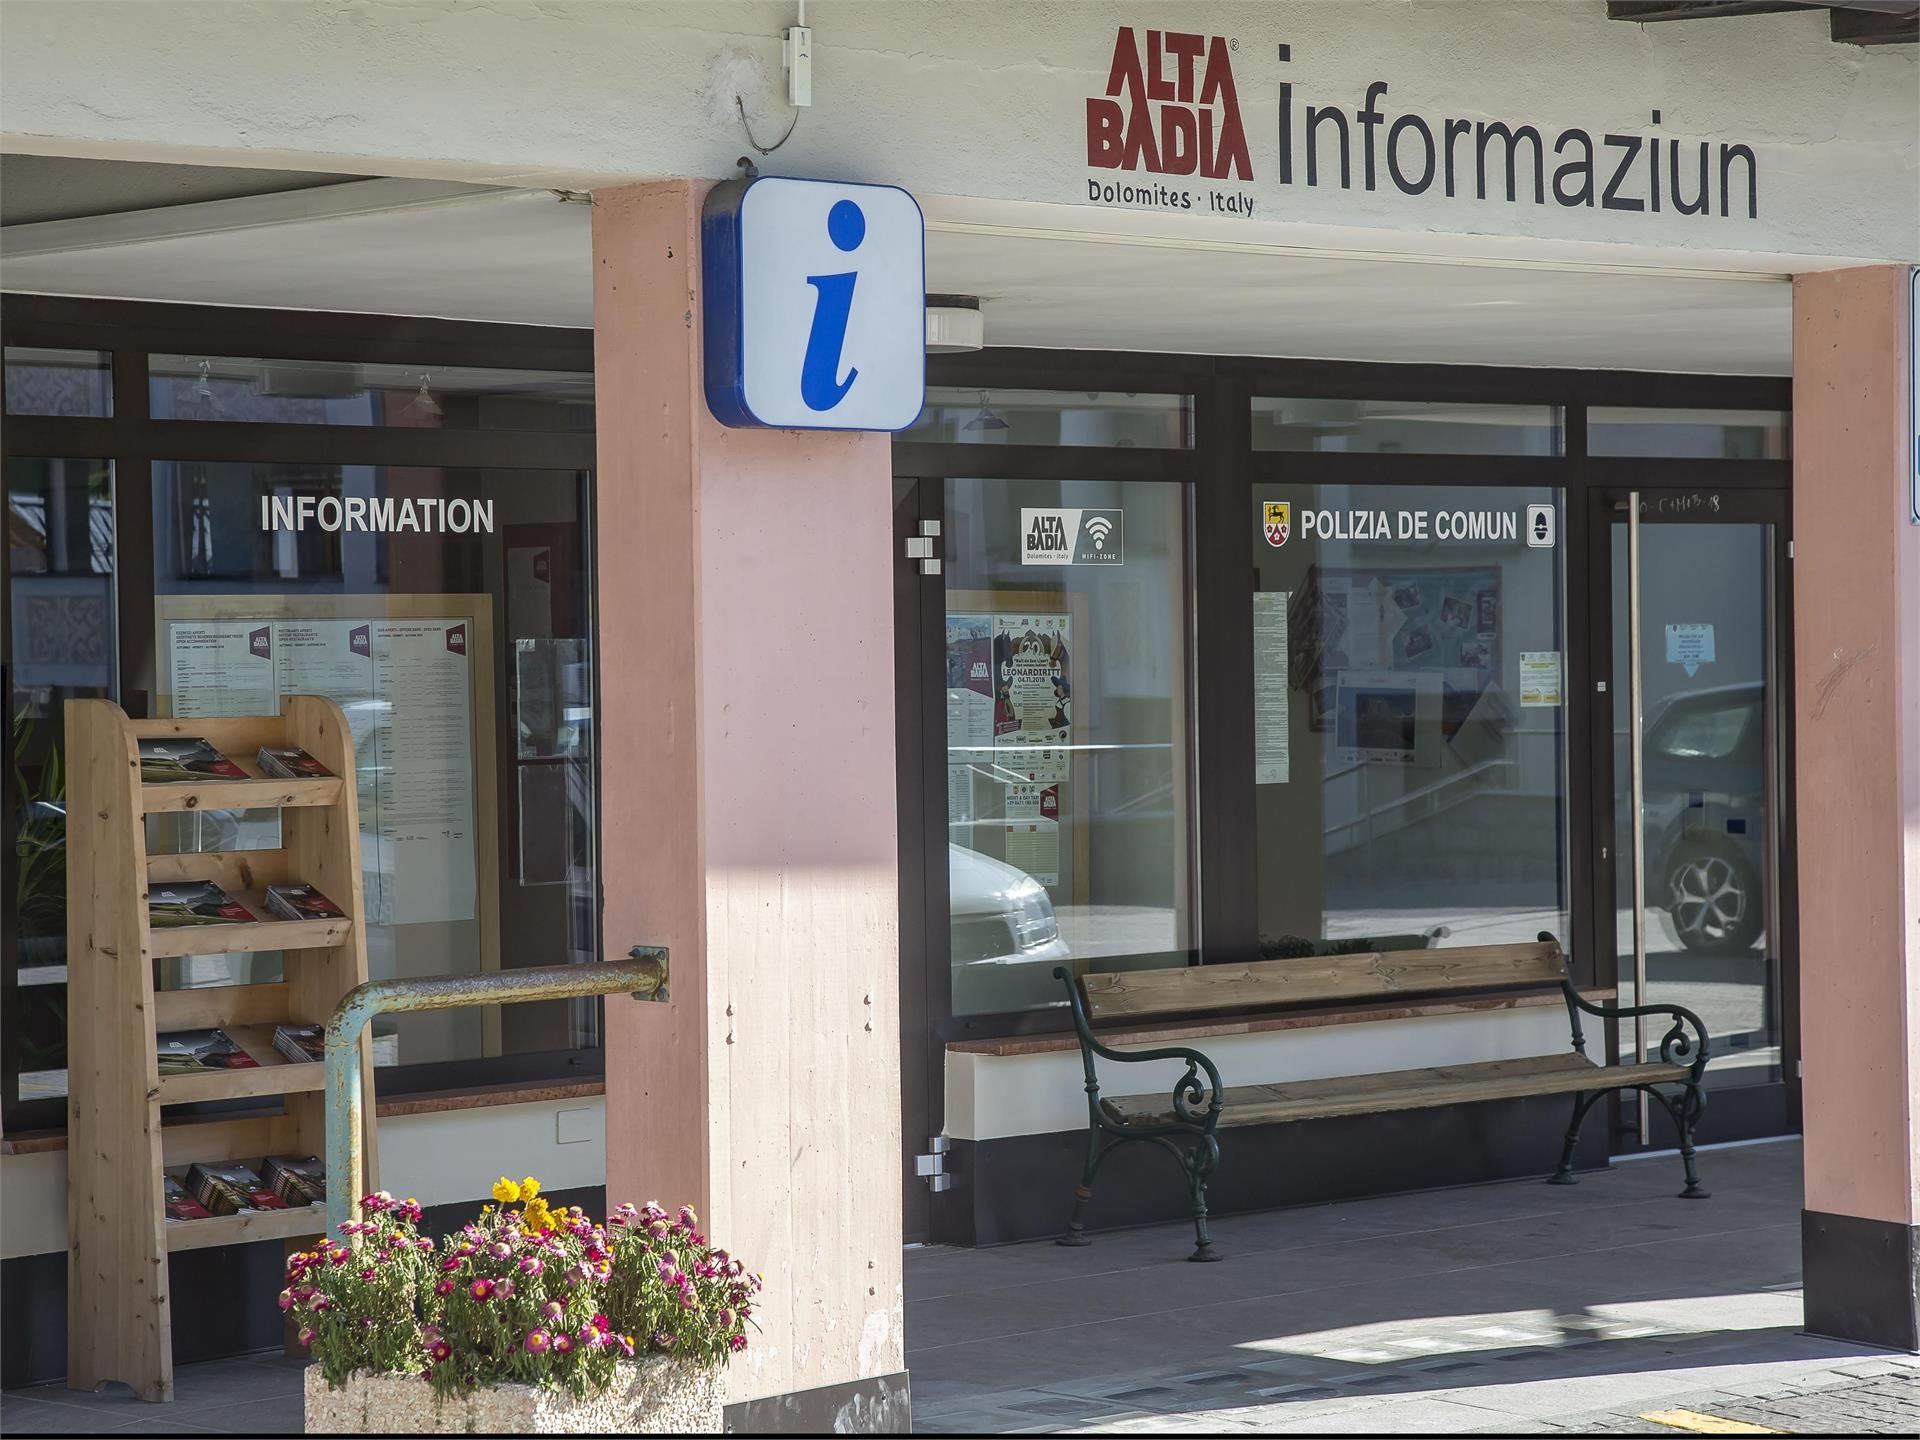 Ufficio Turistico Badia Centro Informazioni Outdooractive Com